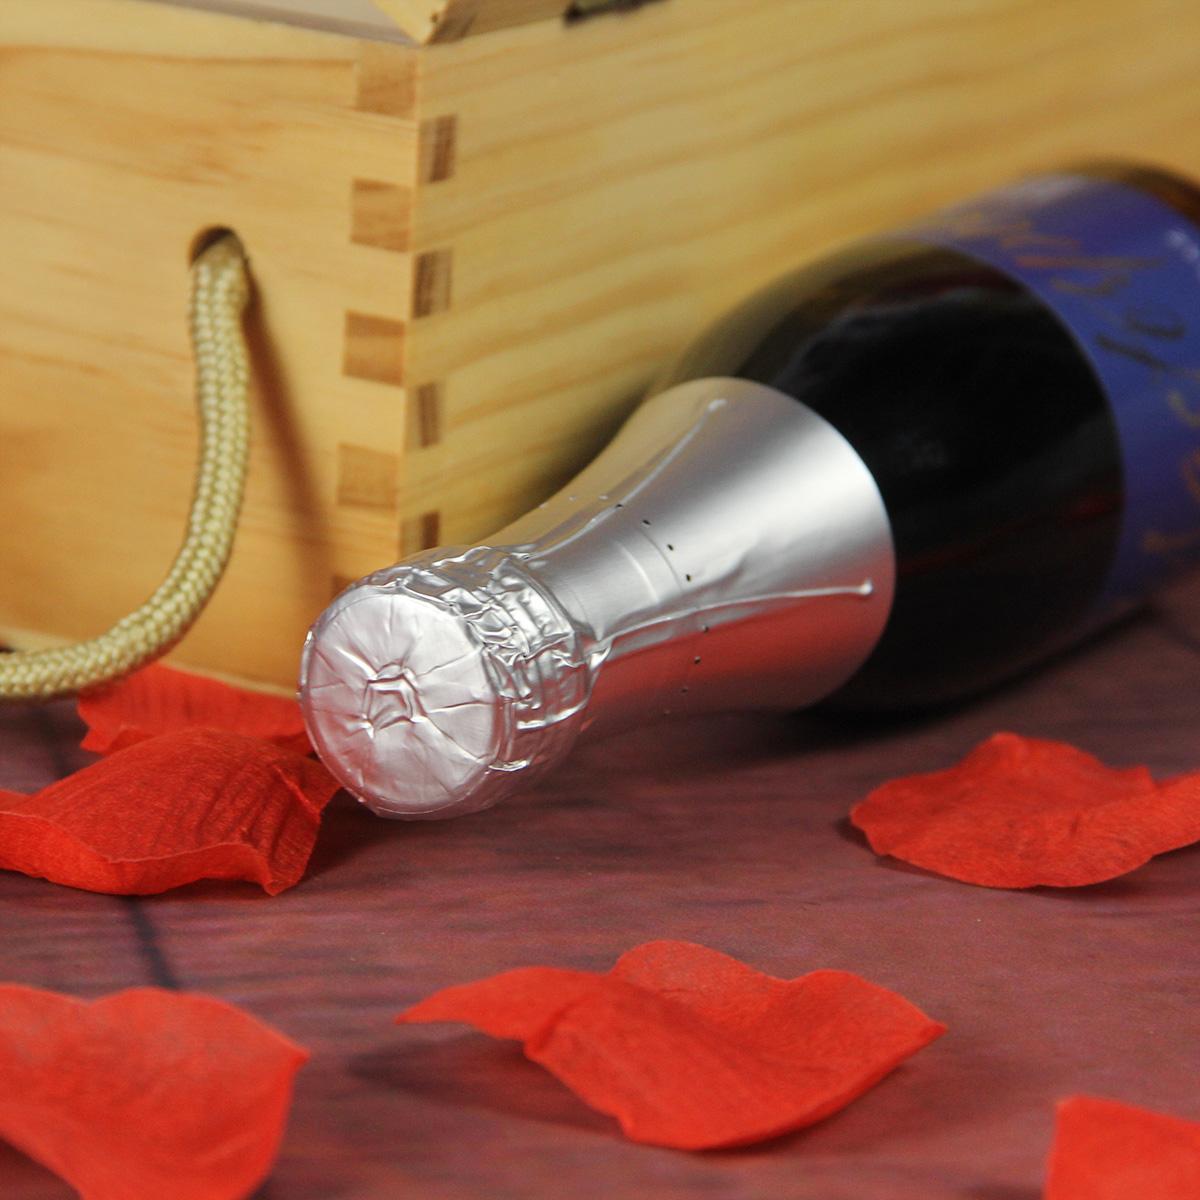 澳大利亚维多利亚安德鲁皮士酒庄皮士大师西拉子起泡酒200mL